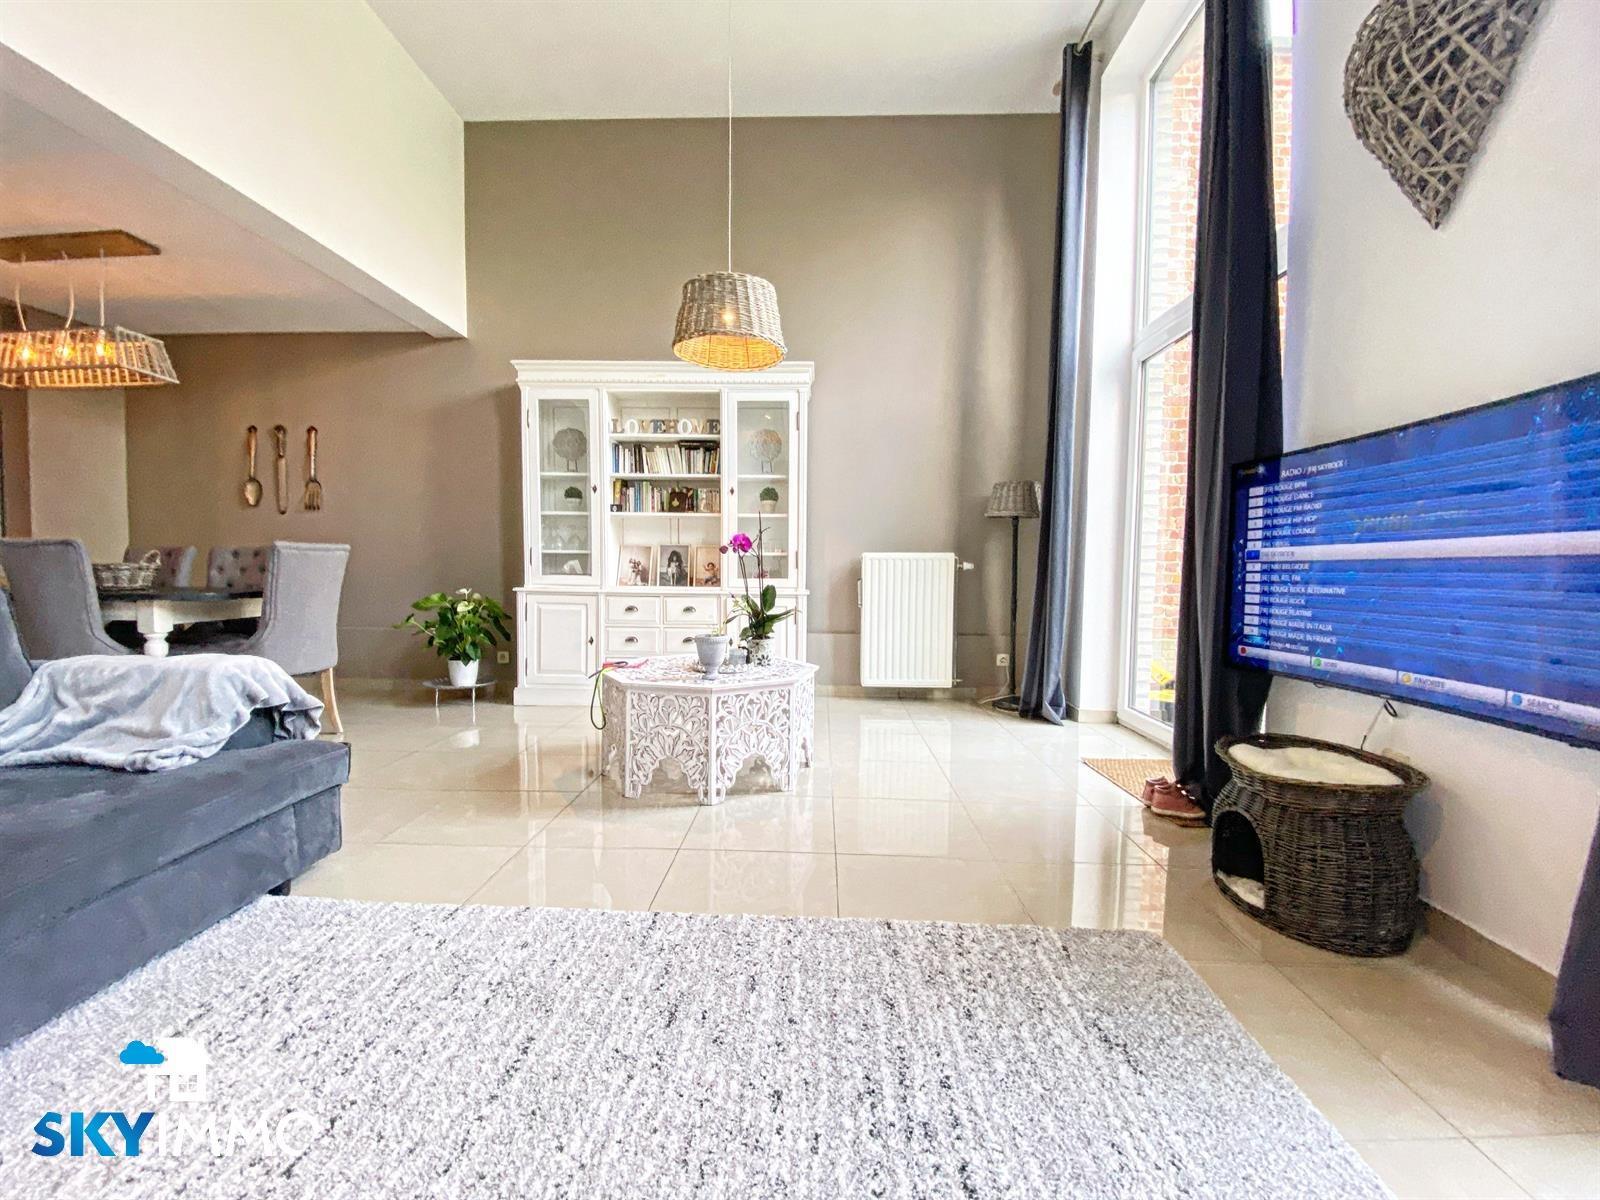 Maison - Liege - #4303959-7